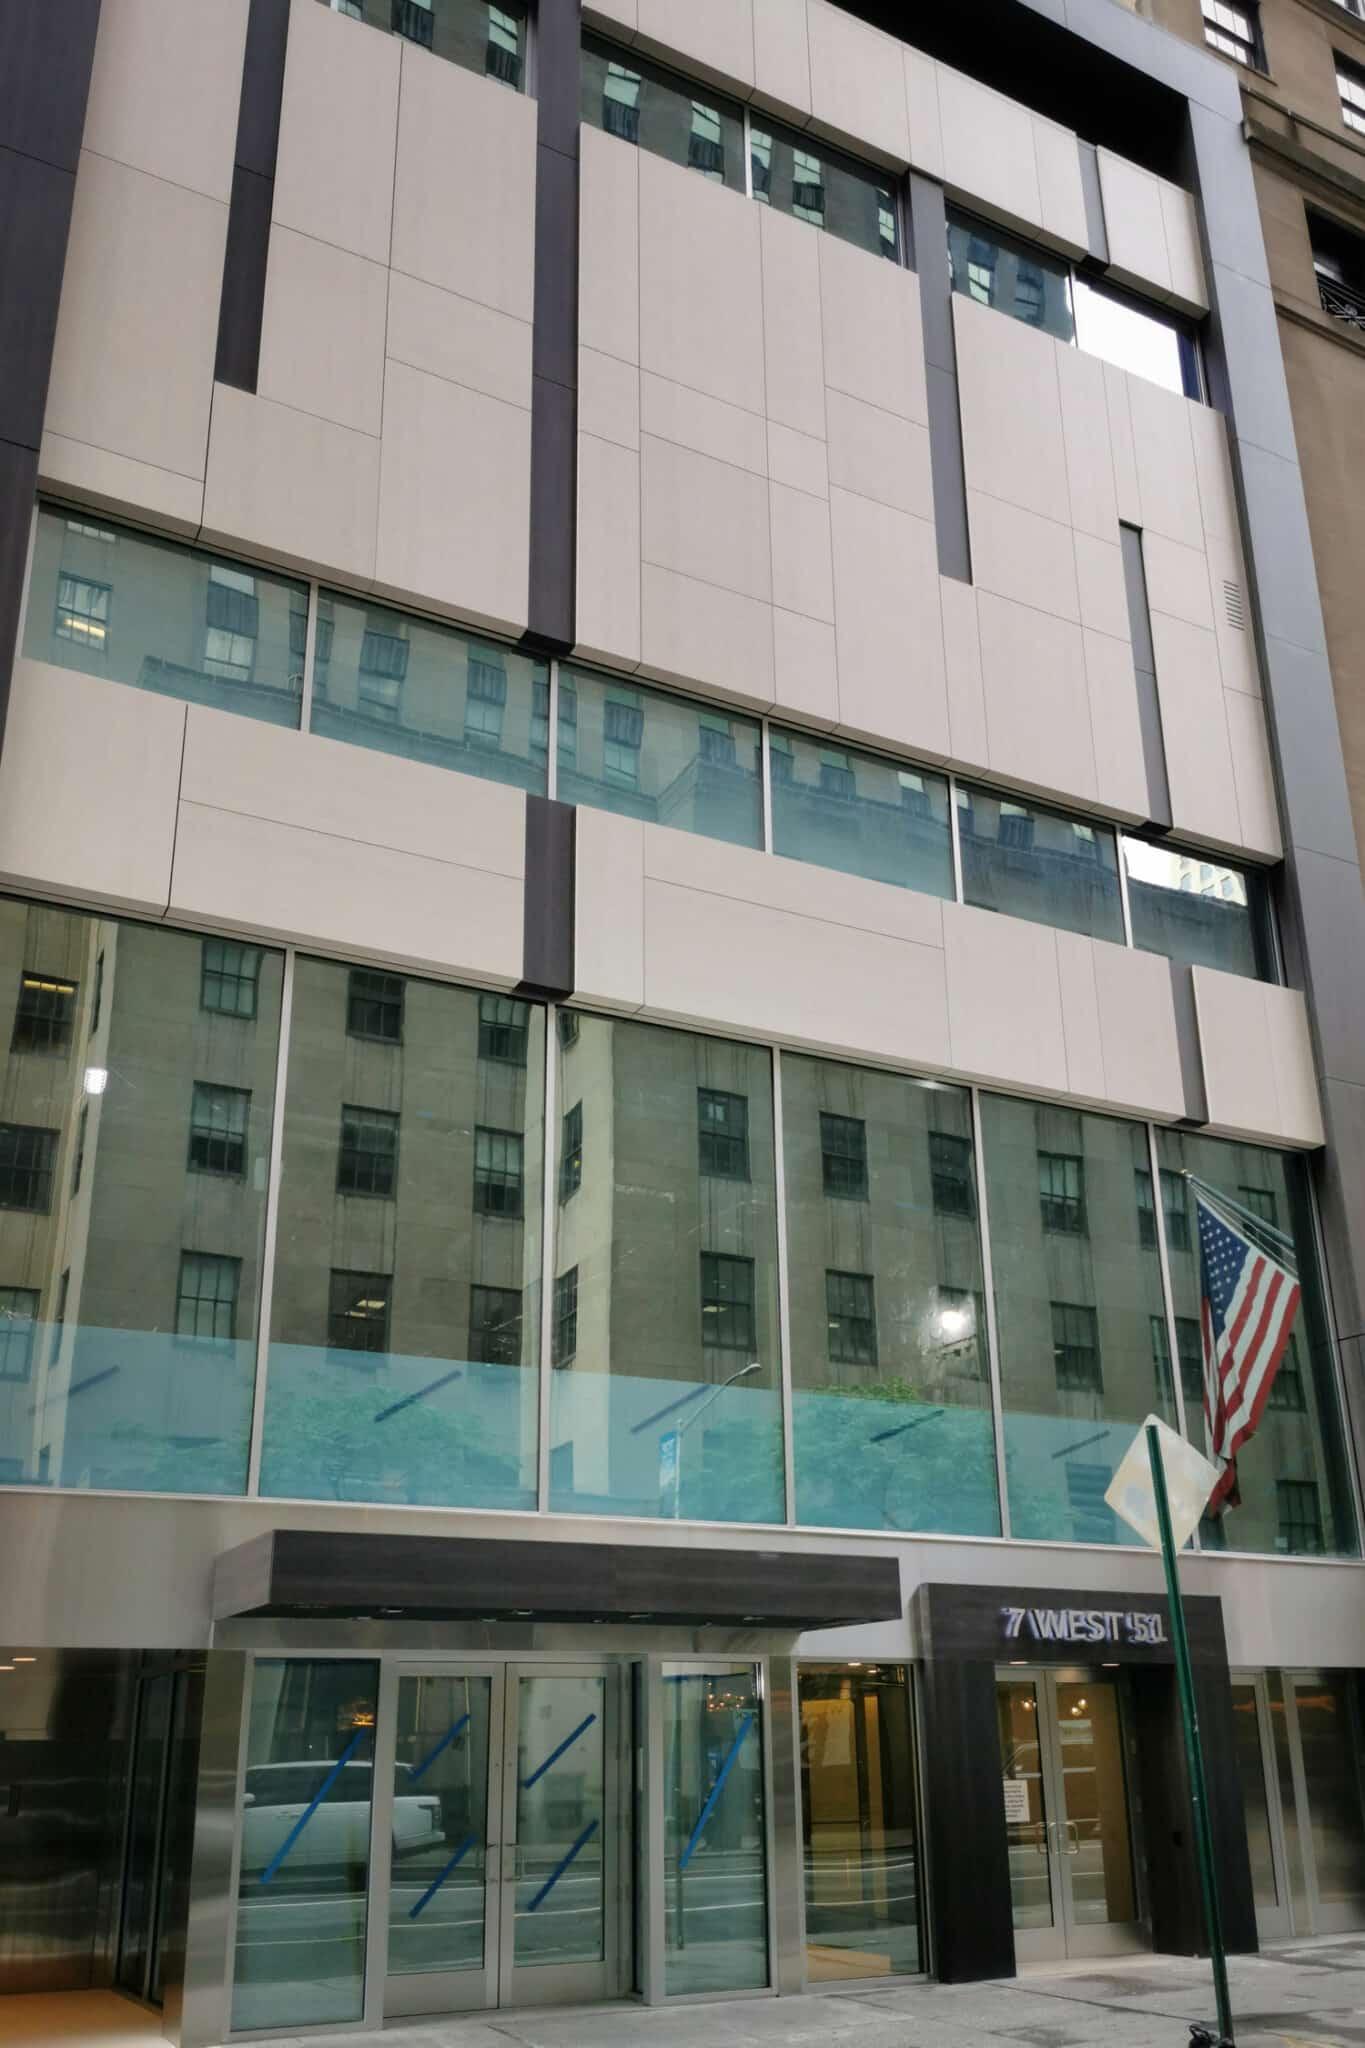 Manhattan facade 7 West 51st  - Manhattan 51st 1 52